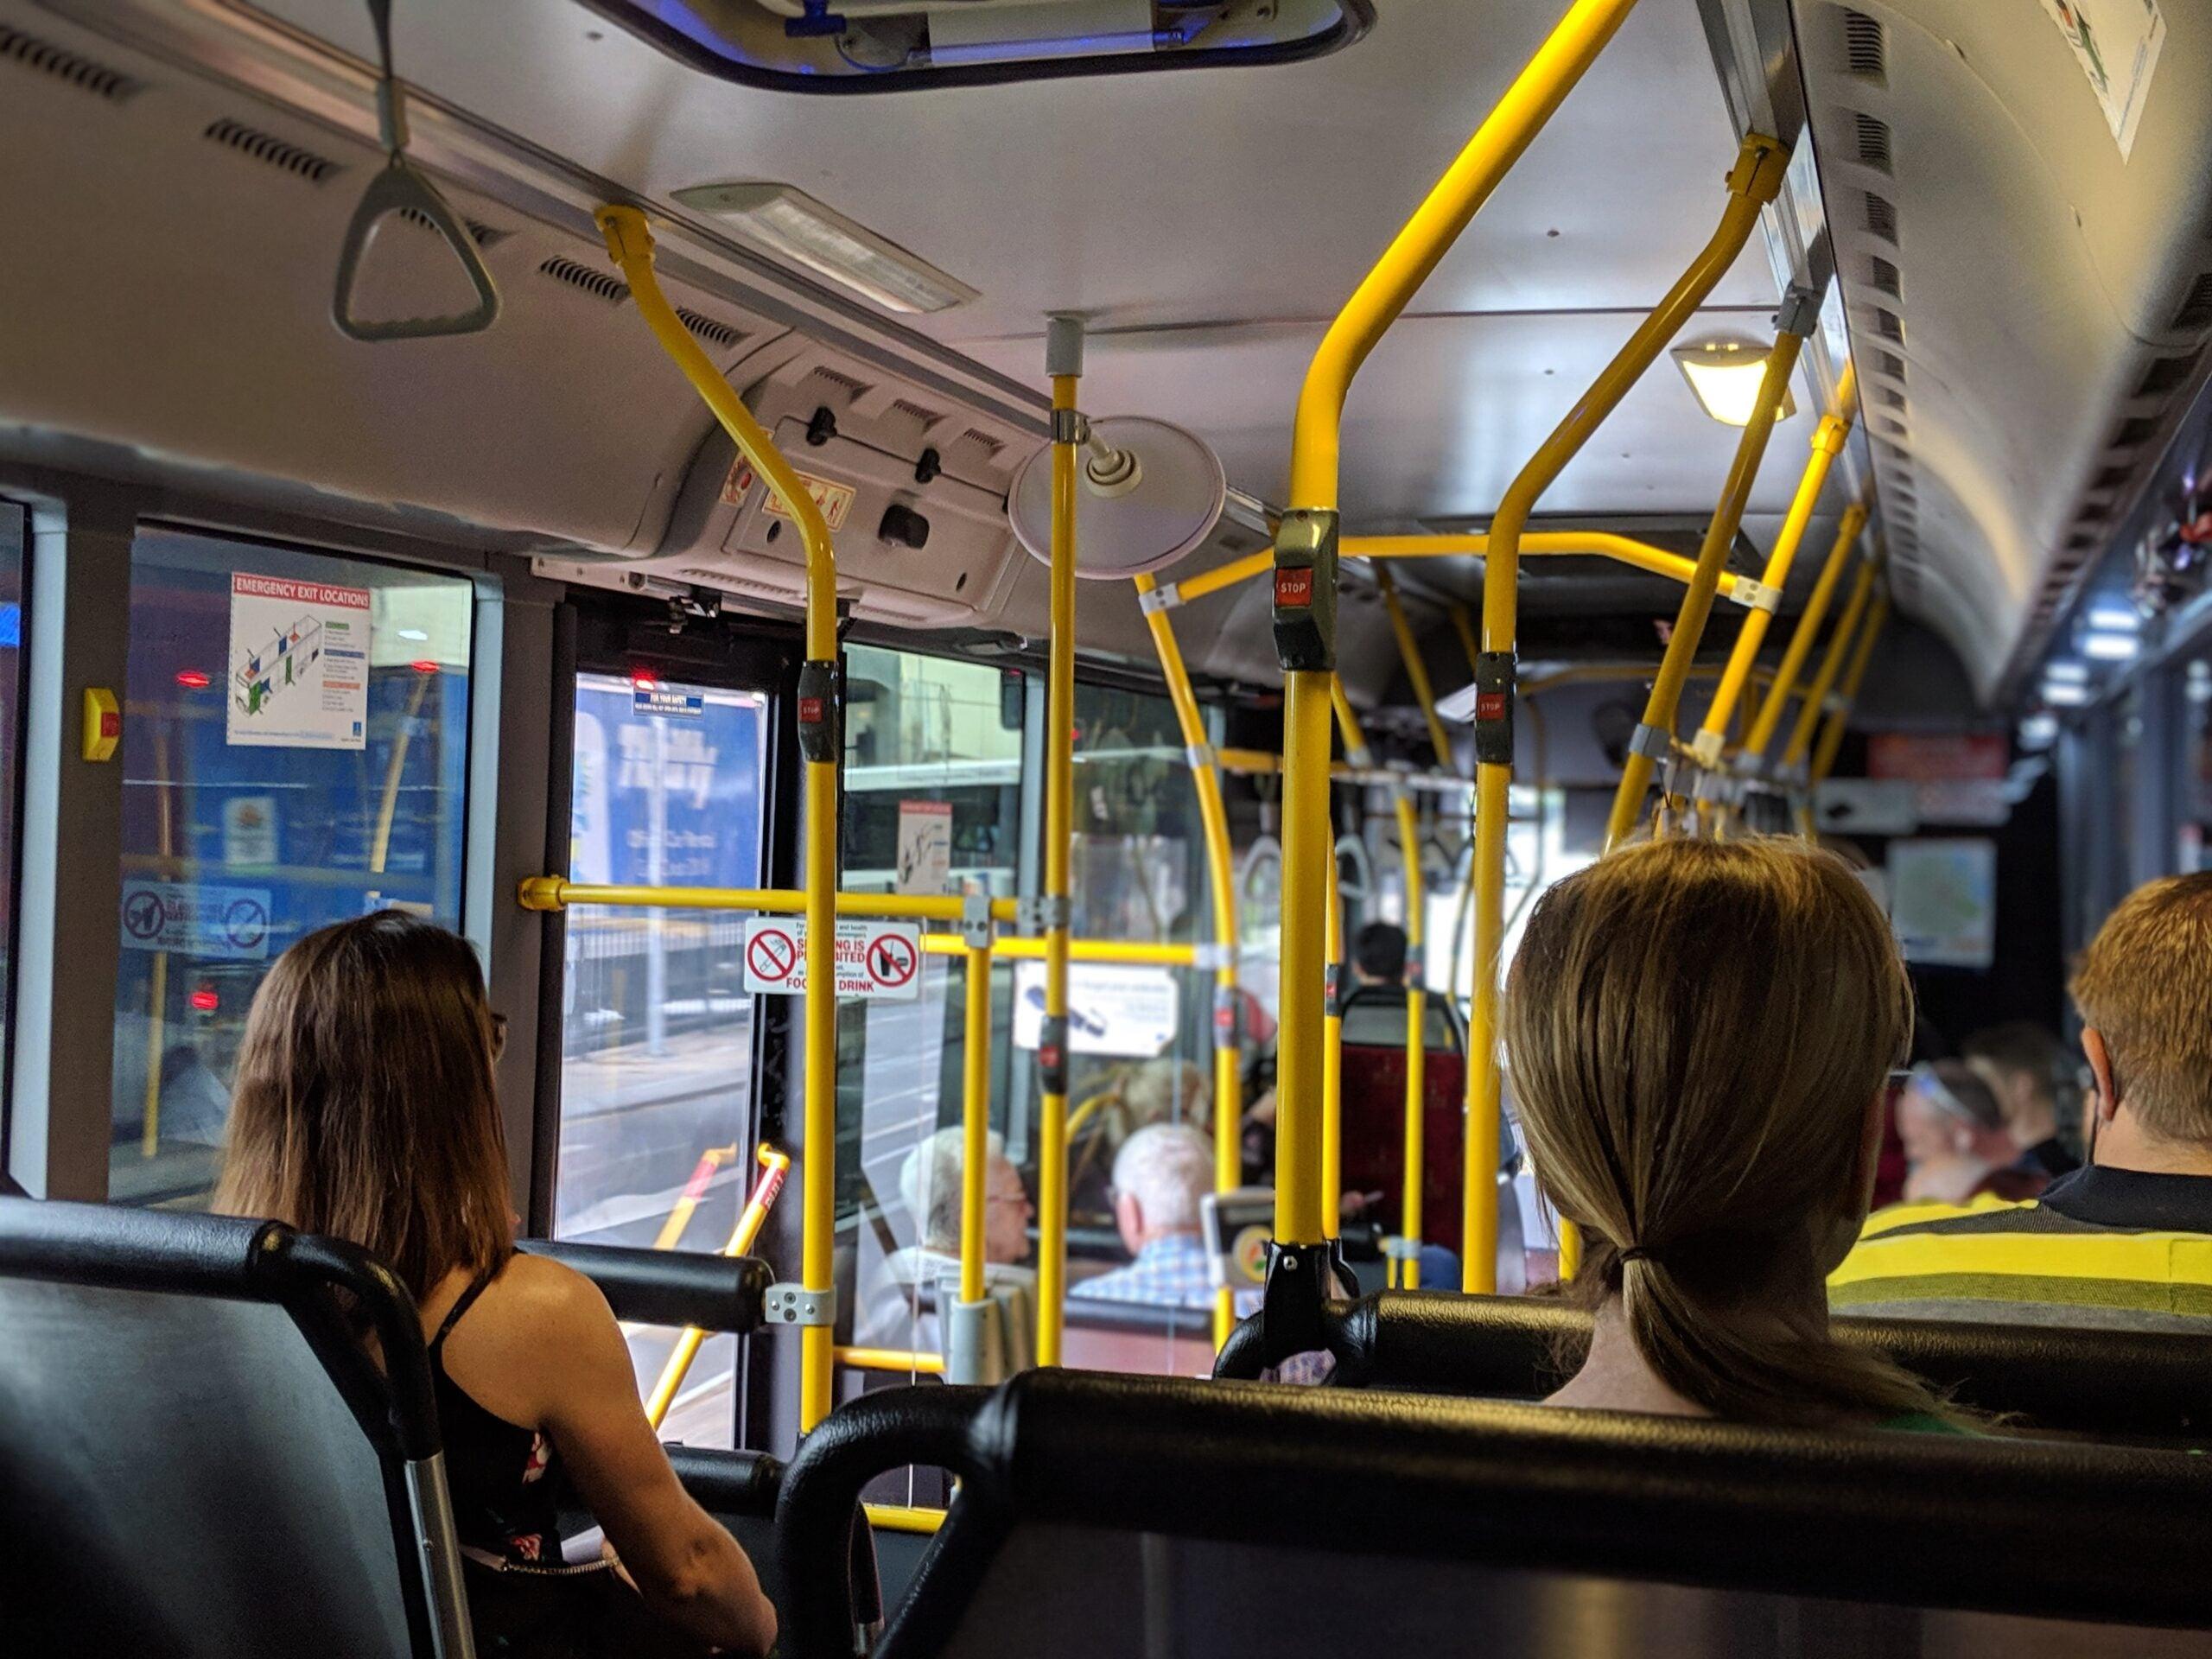 Observando el transporte público desde los ojos de sus usuarios: Guadalajara.